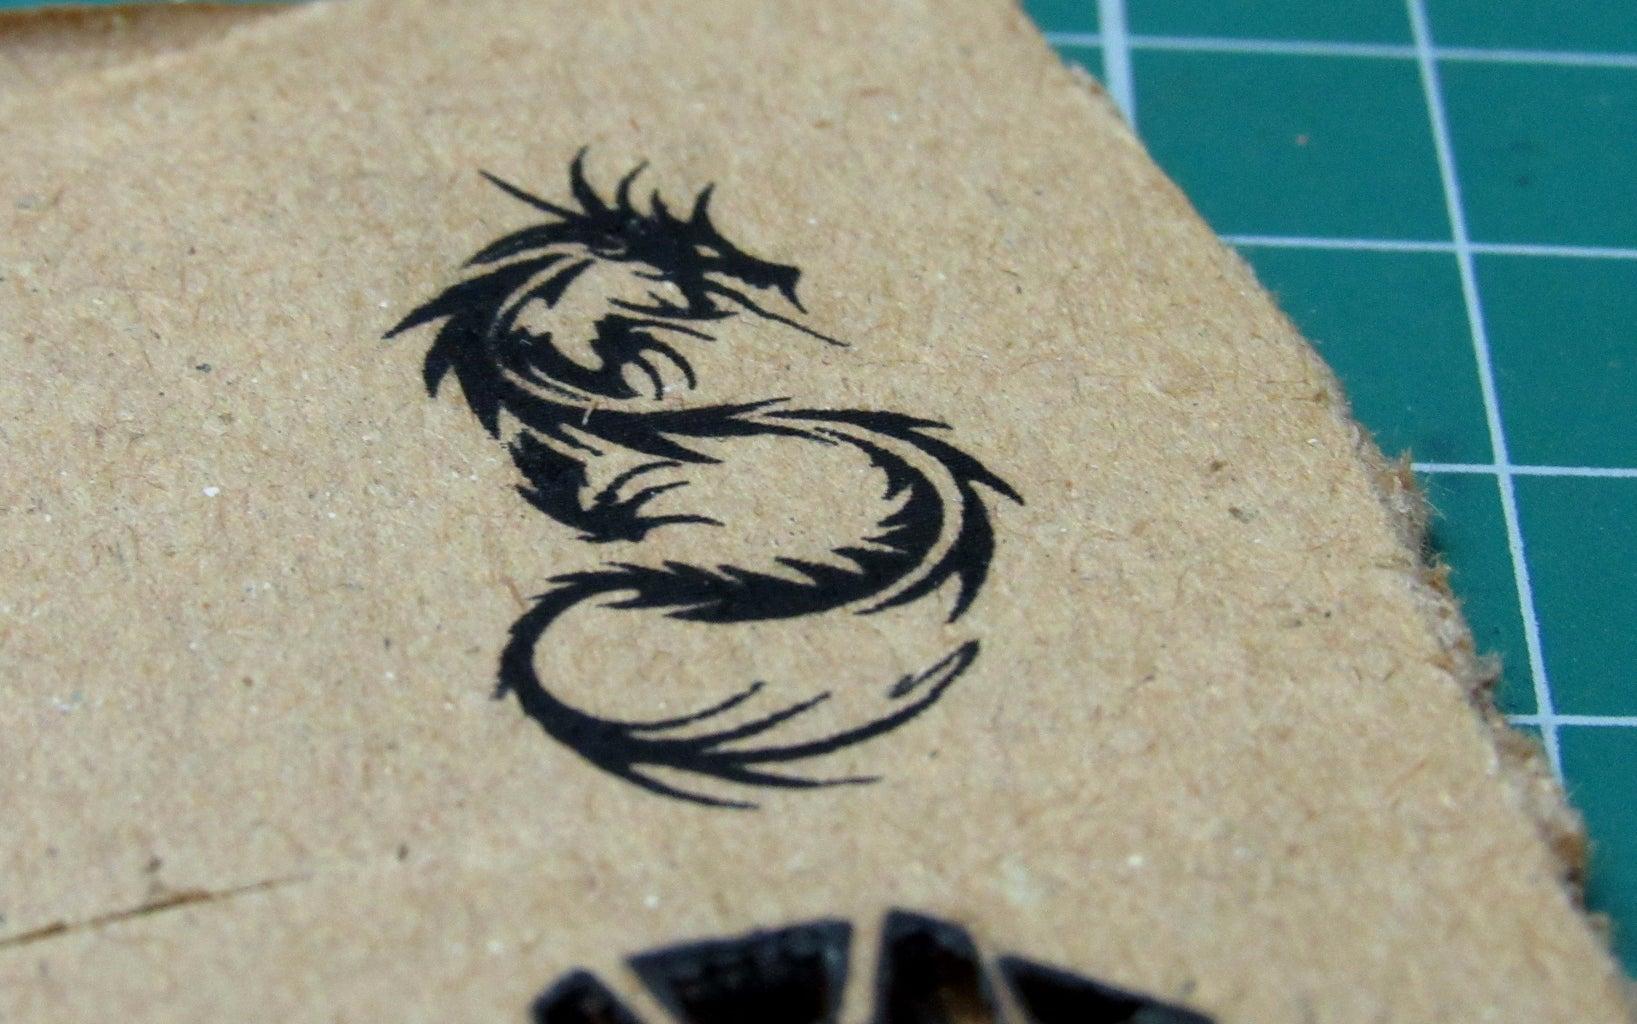 DIY LASER Engraving/Cutting for Dummies